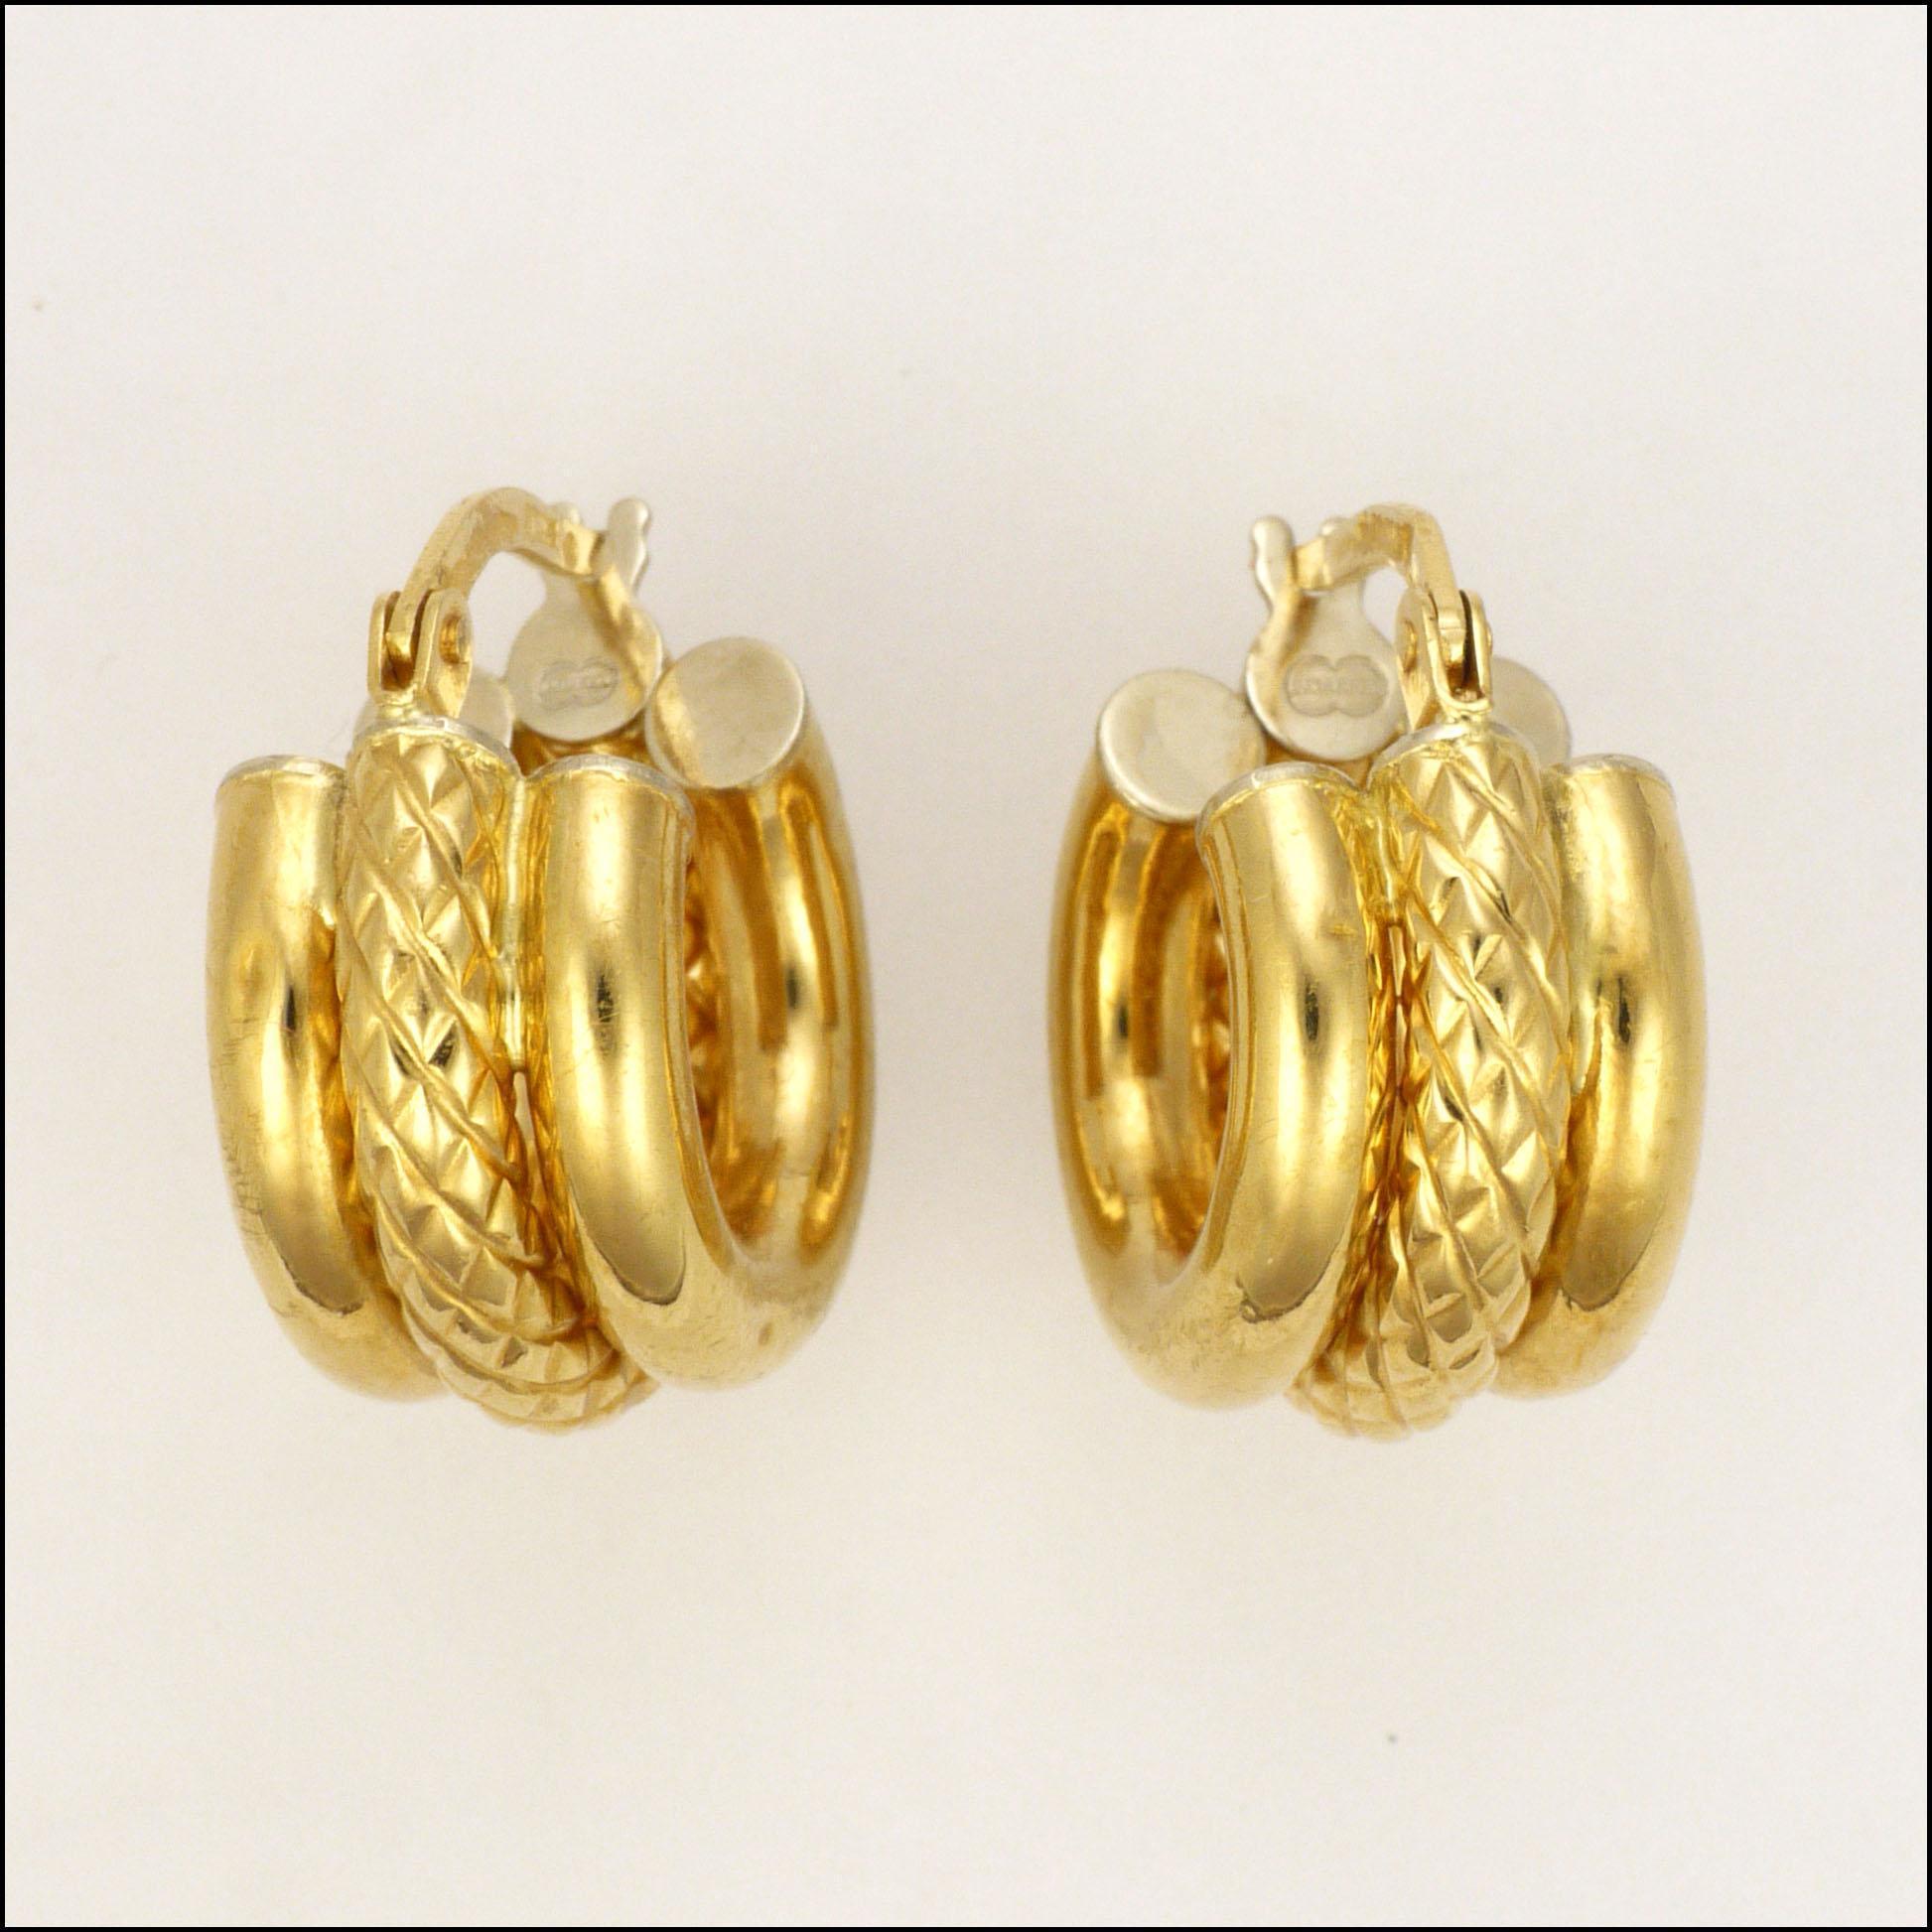 Italian 18 Carat Gold Hoop Earrings Pierced Ears Suzy Lemay